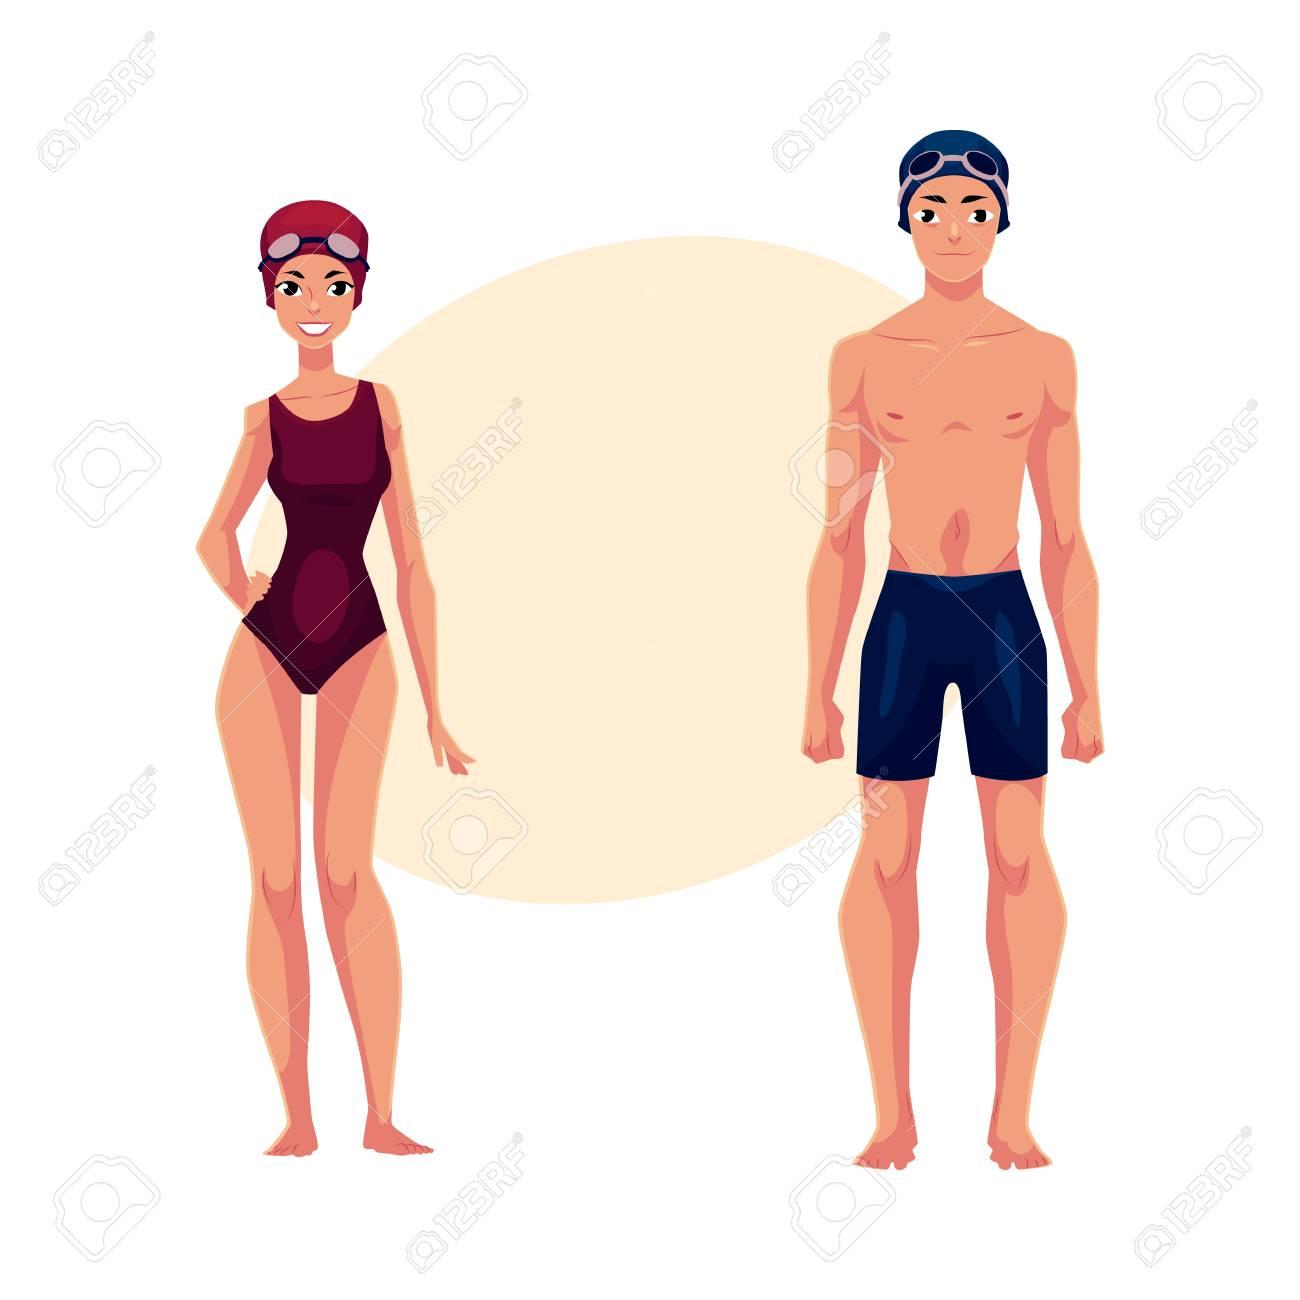 184d44dc8767 Pareja de nadadores, hombre y mujer, en trajes de baño, gorras, ilustración  vectorial de dibujos animados con lugar para el texto.